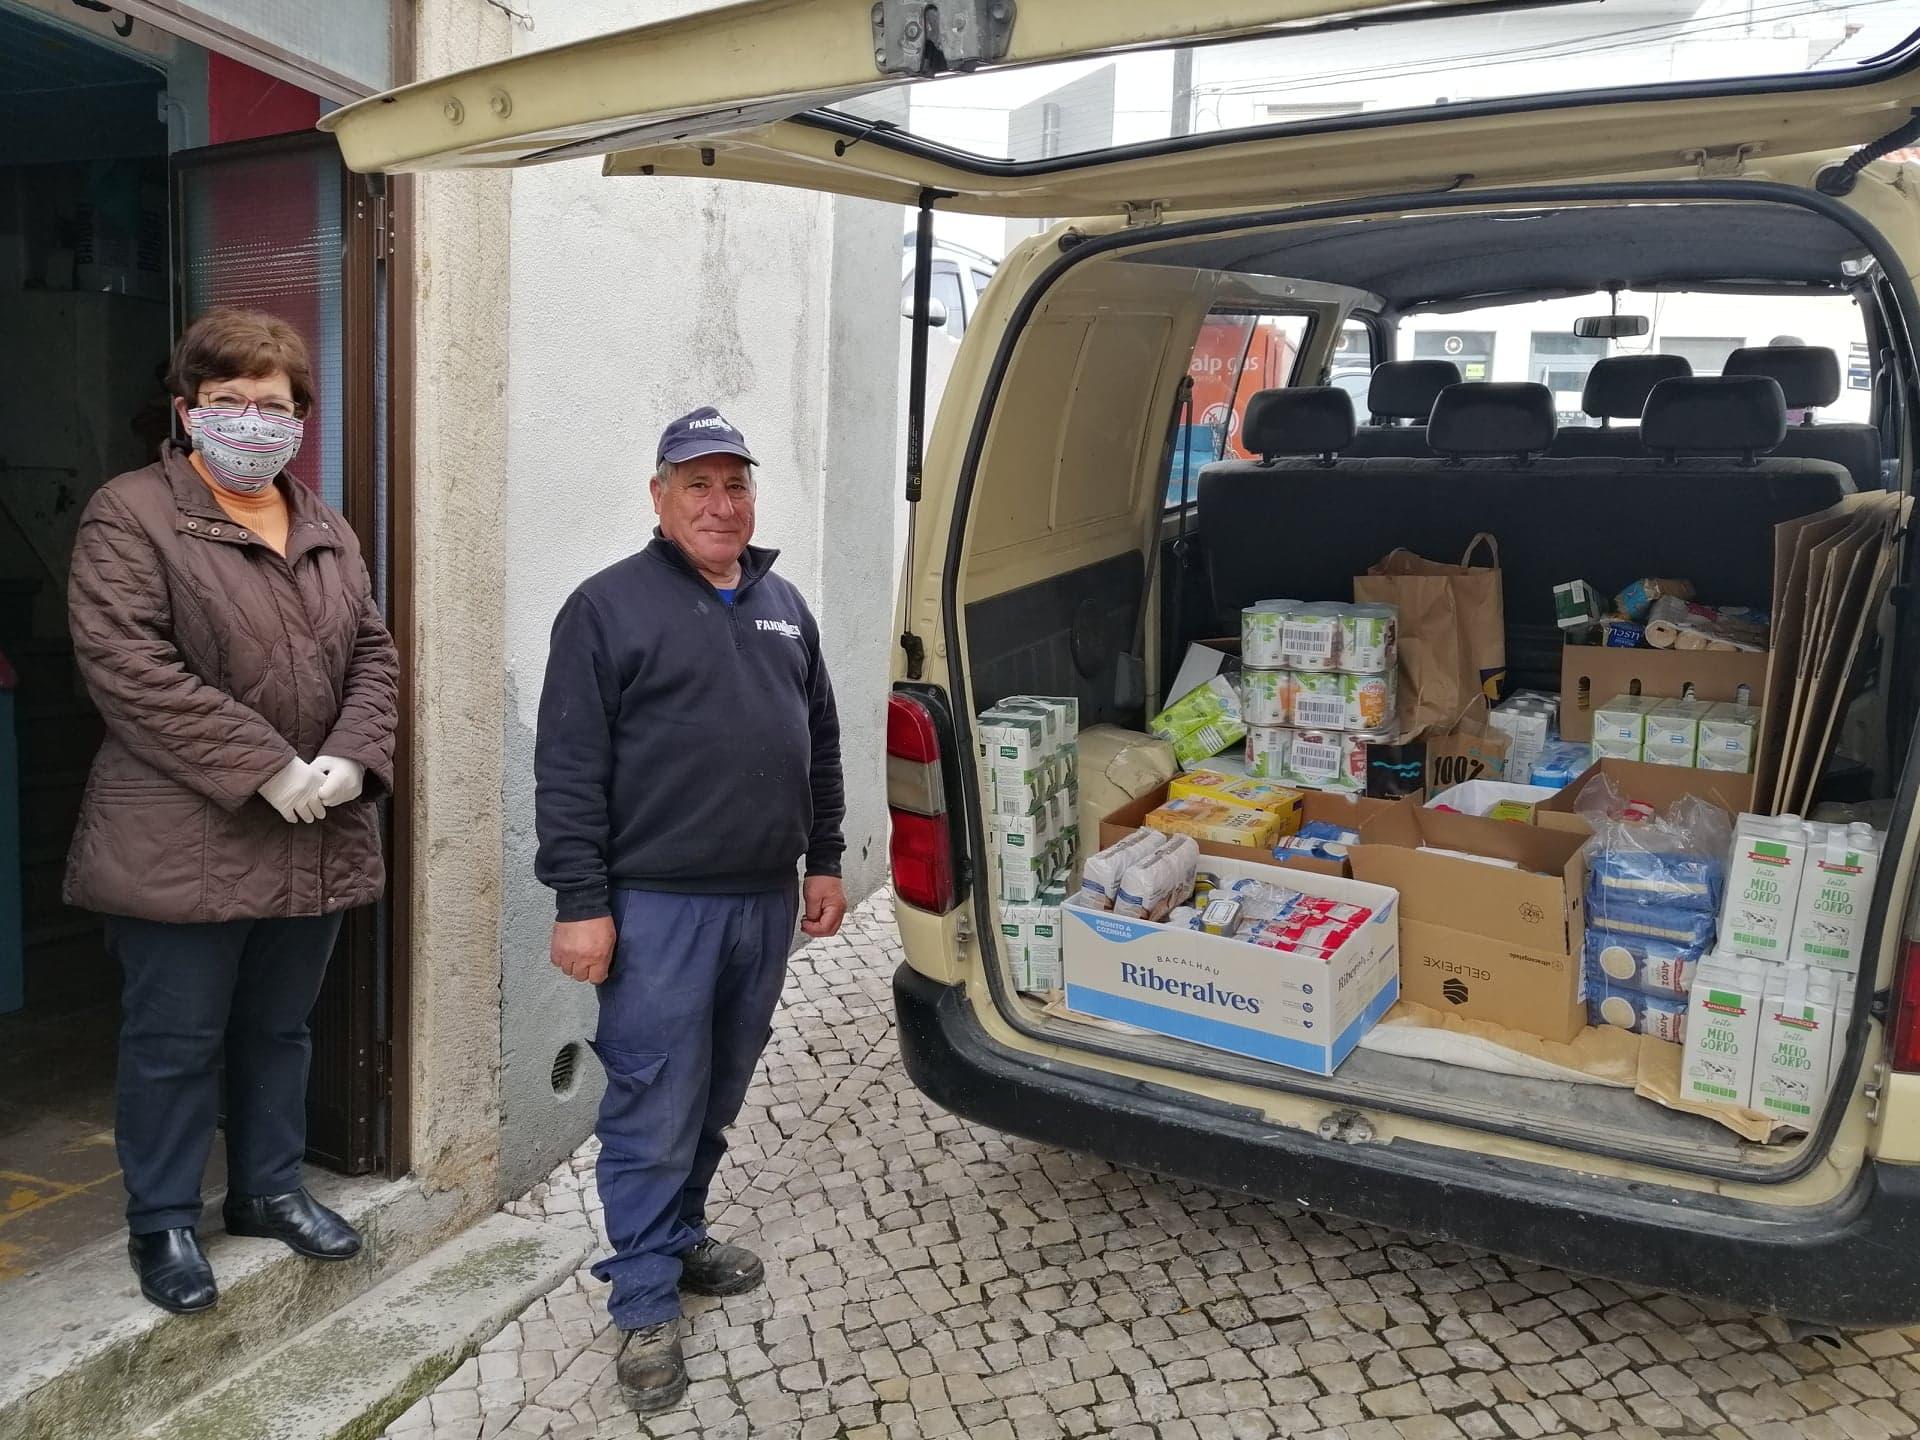 CAIXA SOLIDÁRIA – Recolha e entrega de bens ao Centro Paroquial/Voluntários(as) Banco Alimentar para a sua distribuição pelas famílias carenciadas. Obrigado!